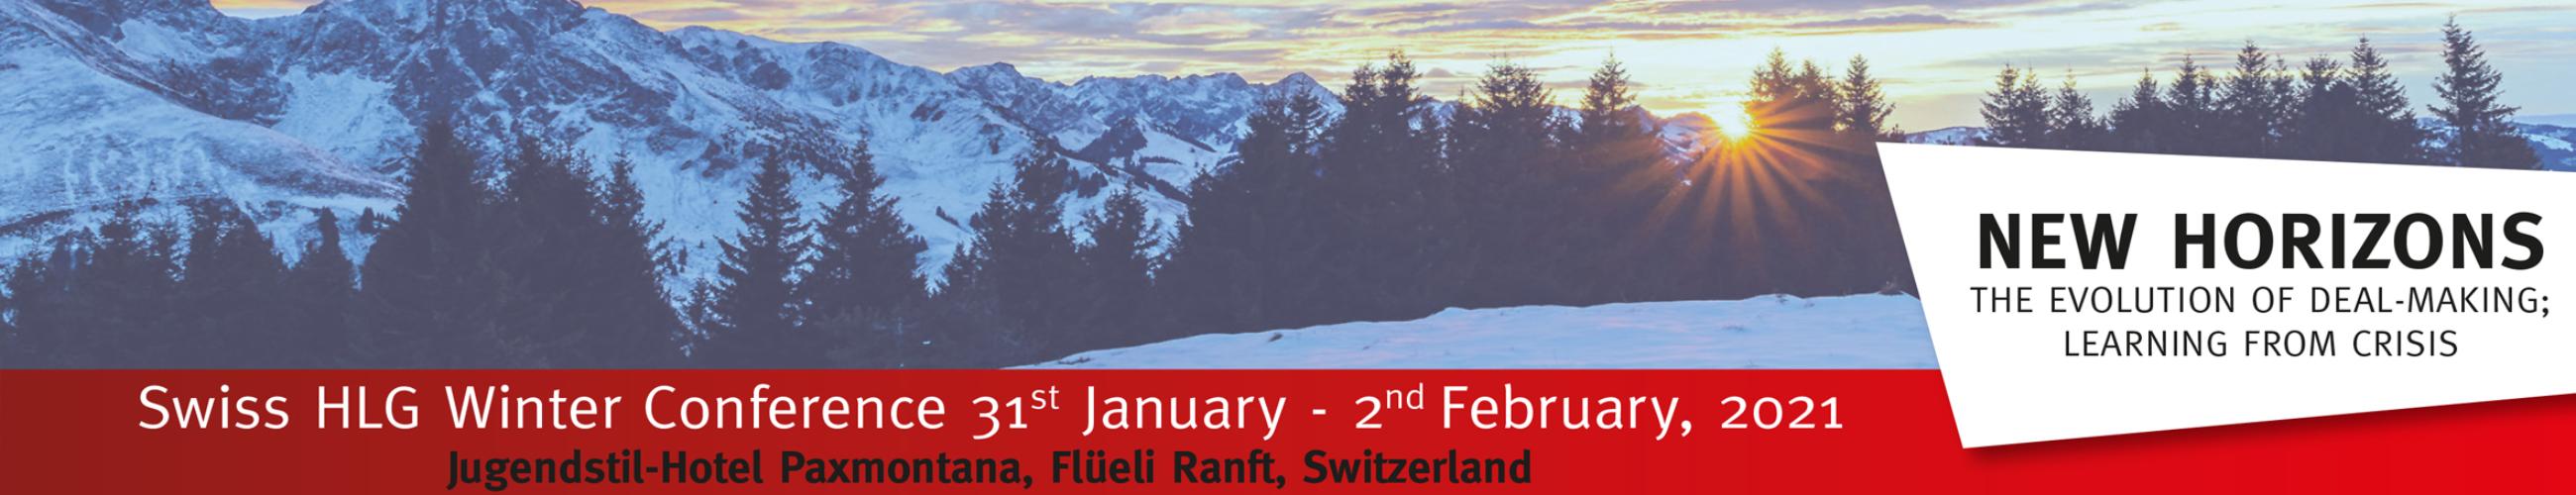 Slider FRONT PAGE 2021 Conference website